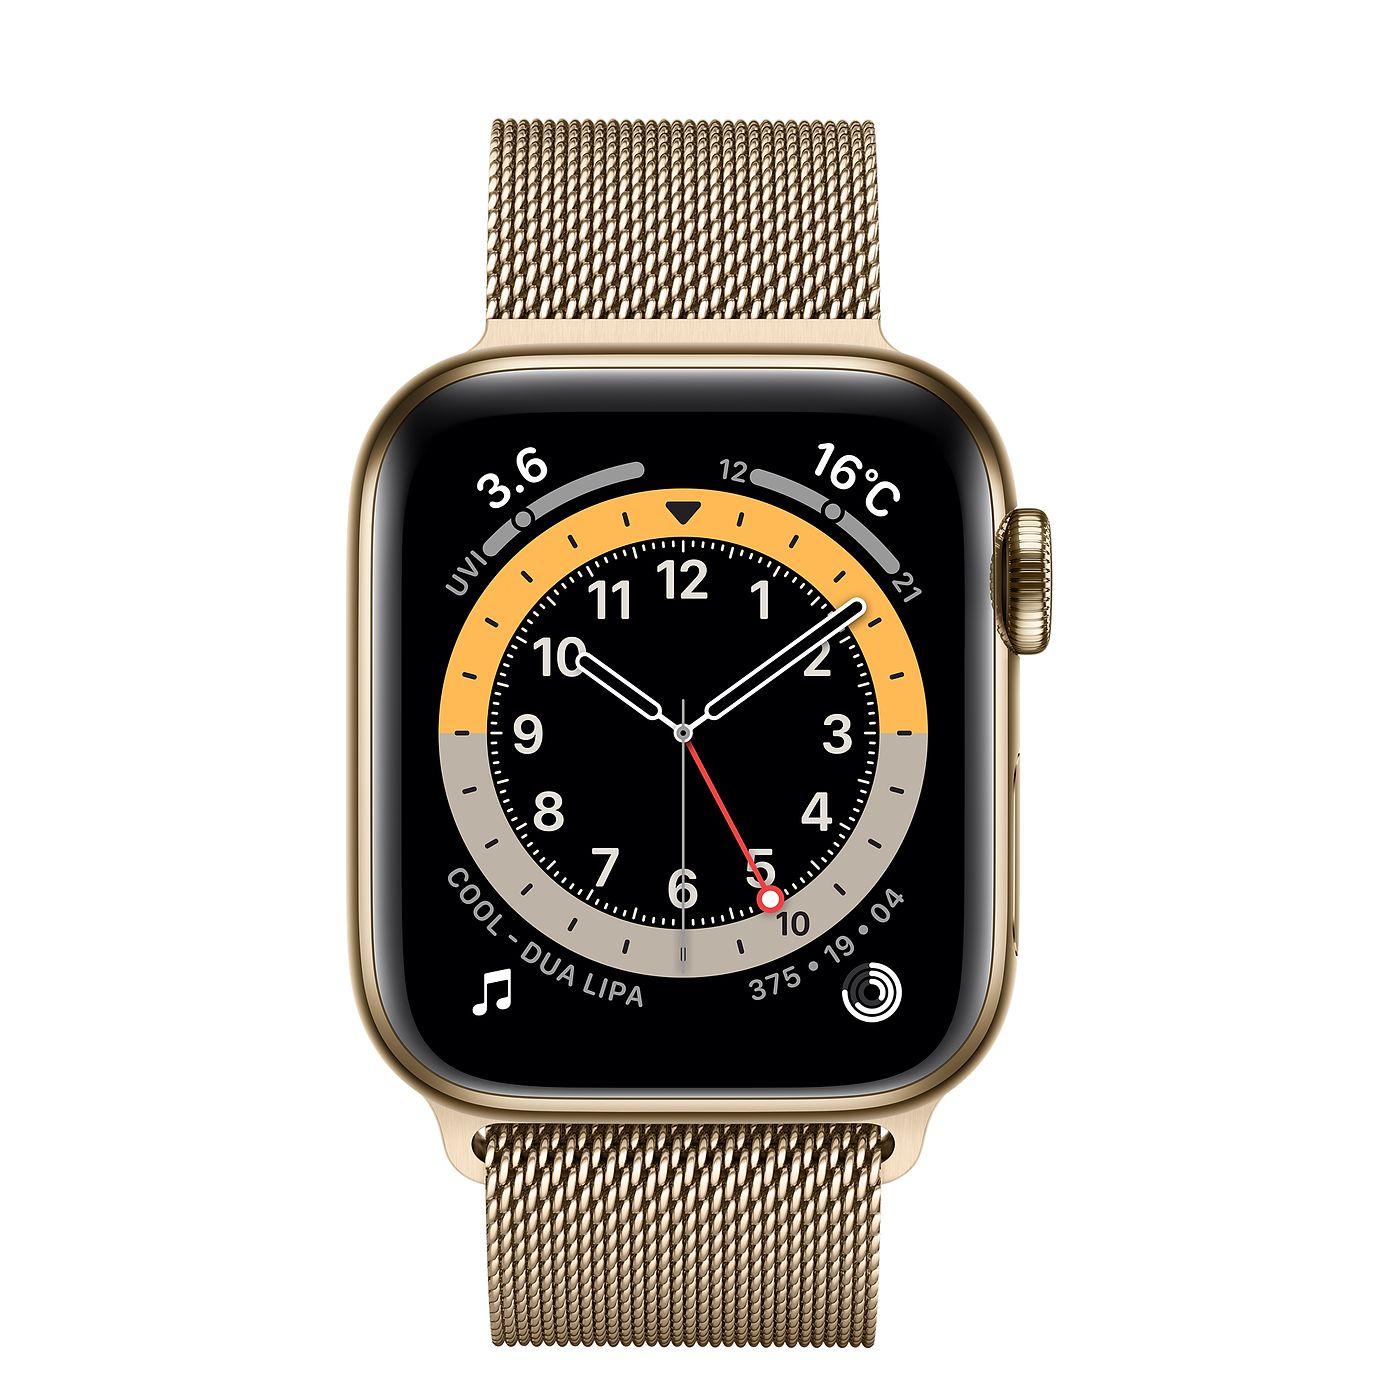 Apple Watch ステンレス ゴールド ミラネーゼループ